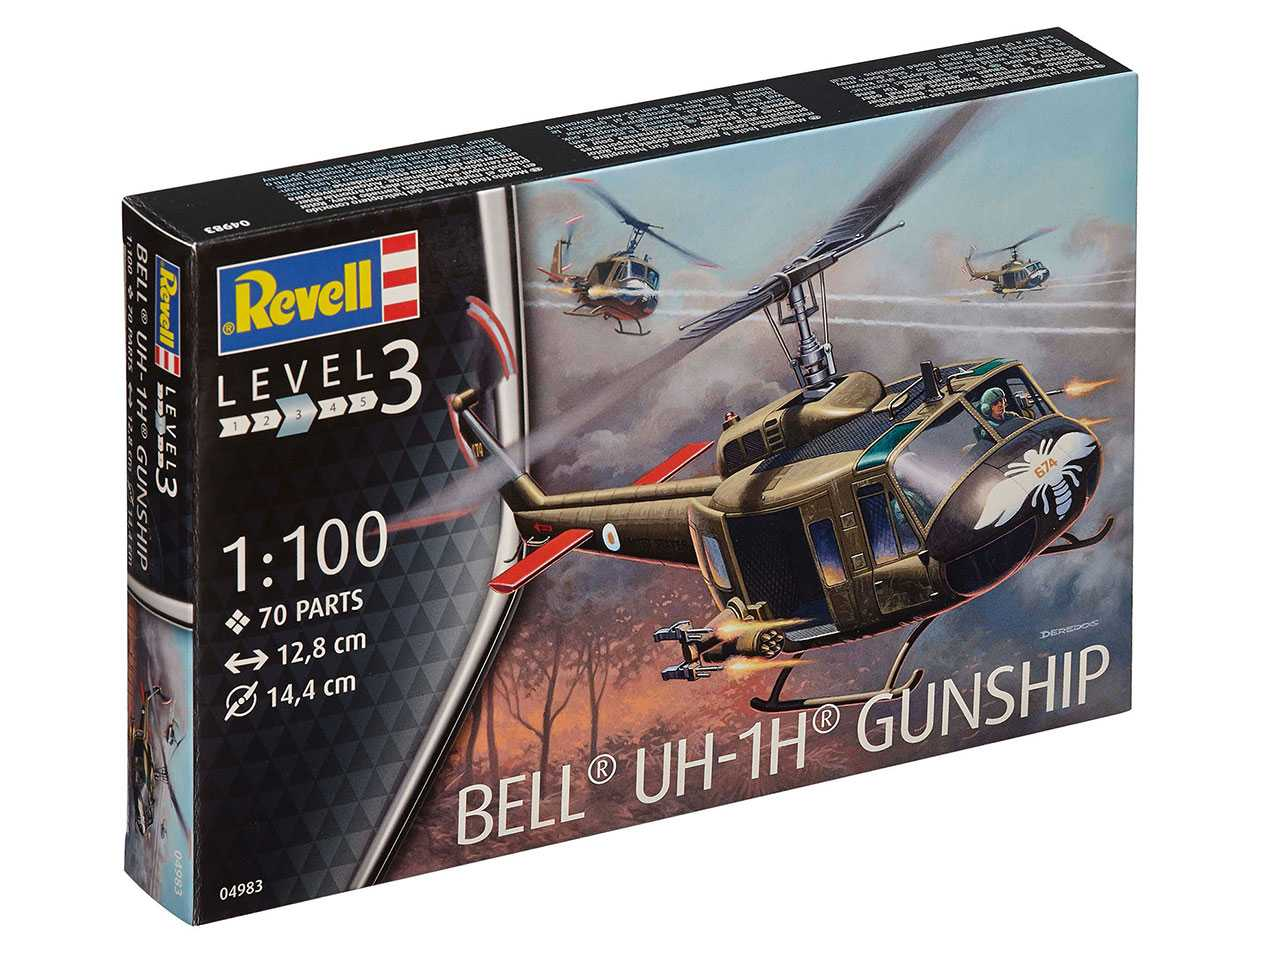 1:100 Bell UH-1H Gunship